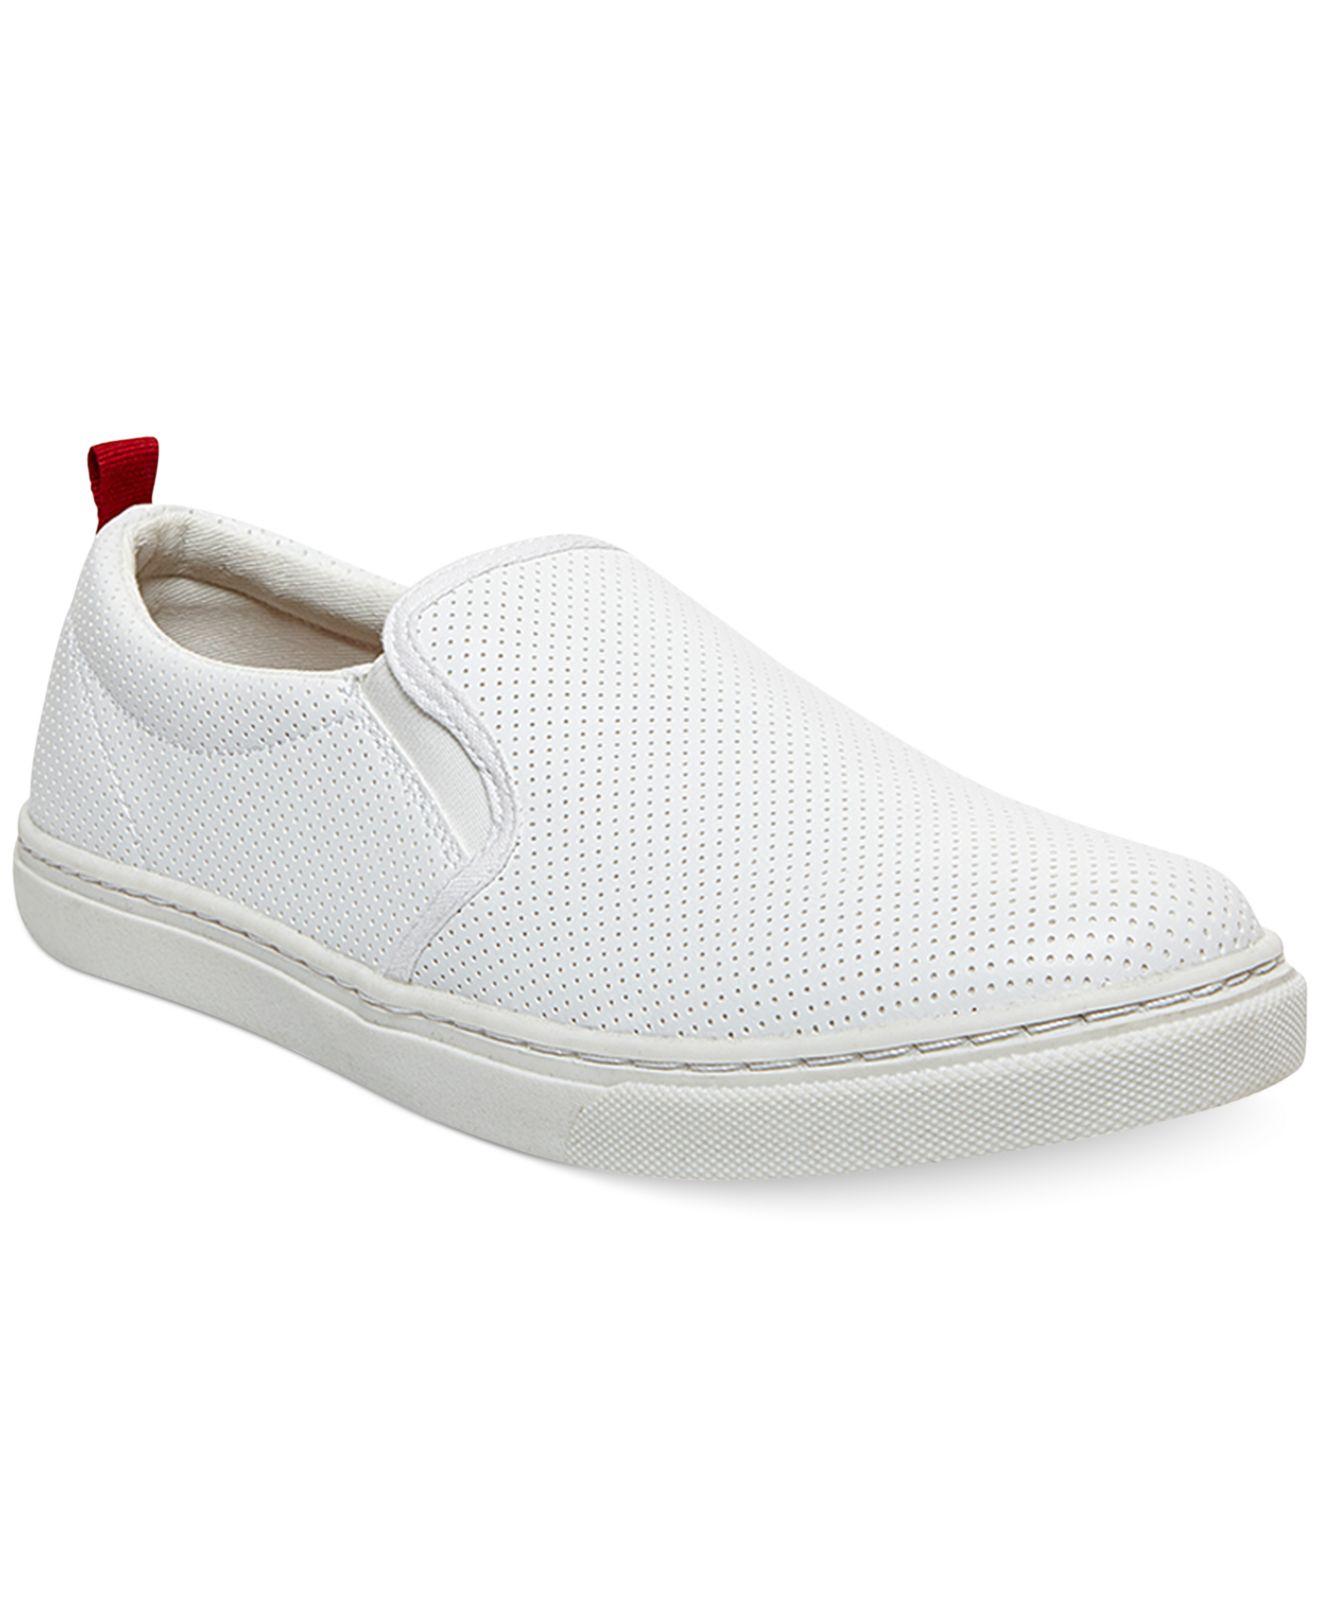 b66f2b9dc17 Lyst - Steve Madden Madden Height Slip-On Sneakers in White for Men